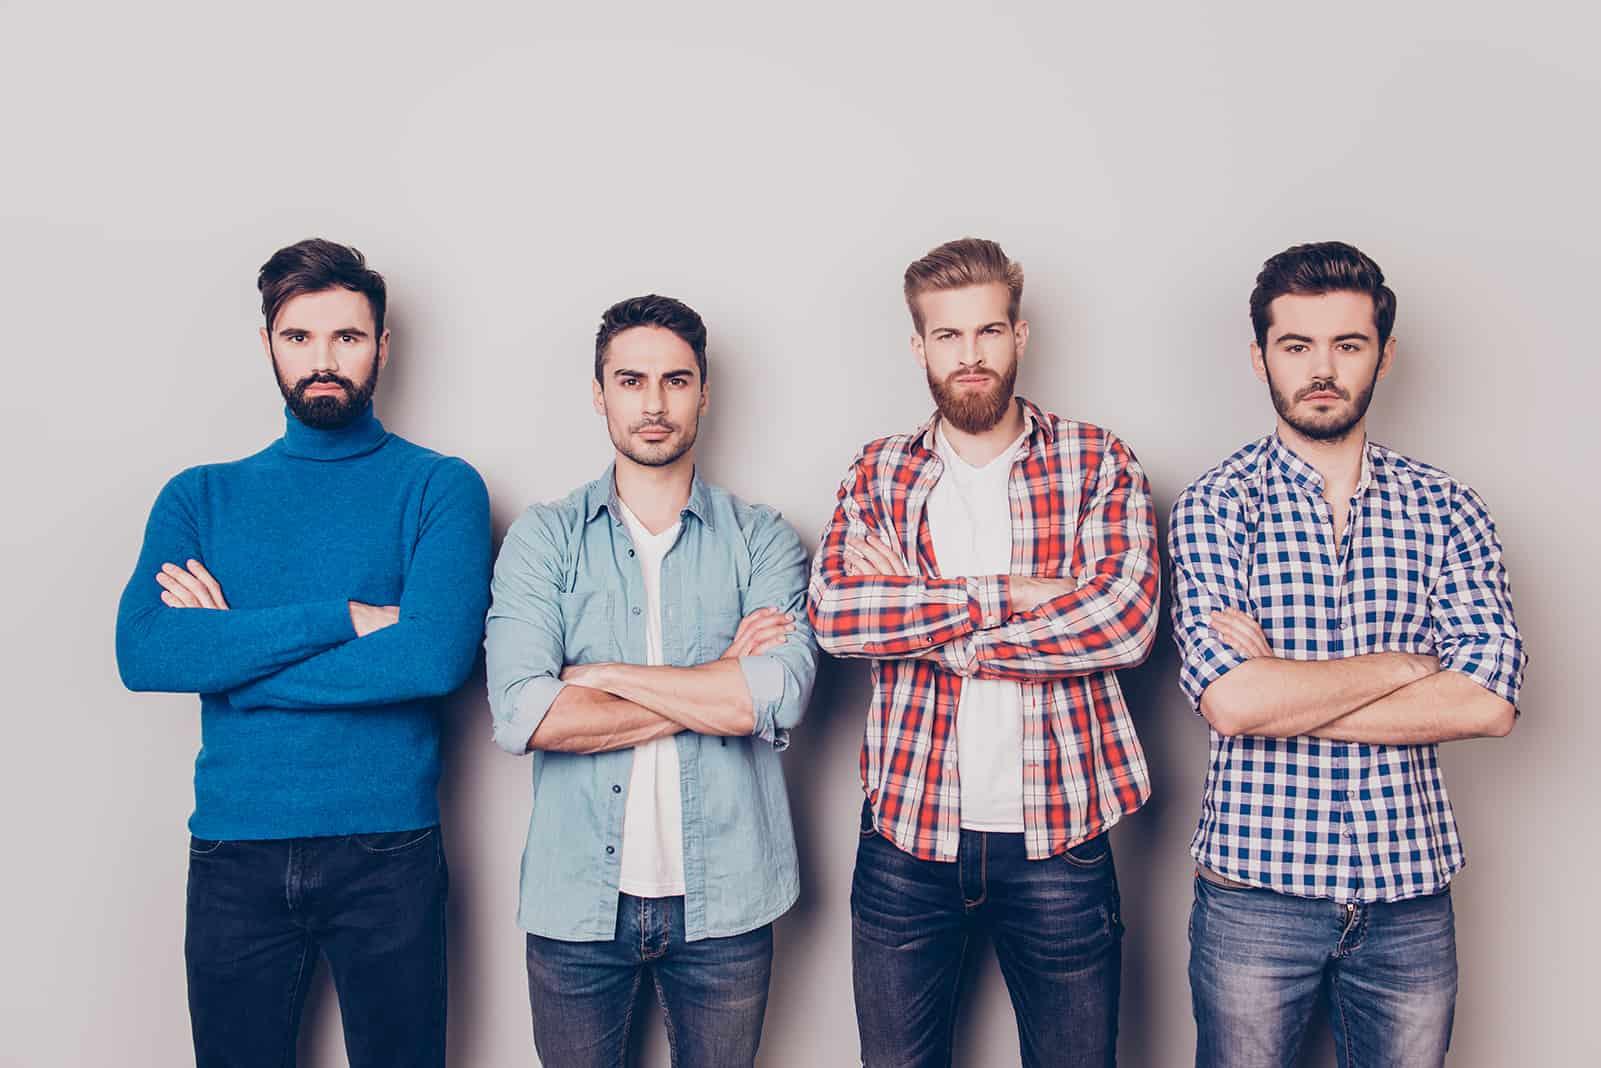 vier Männer nebeneinander, alle mit verschränkten Armen